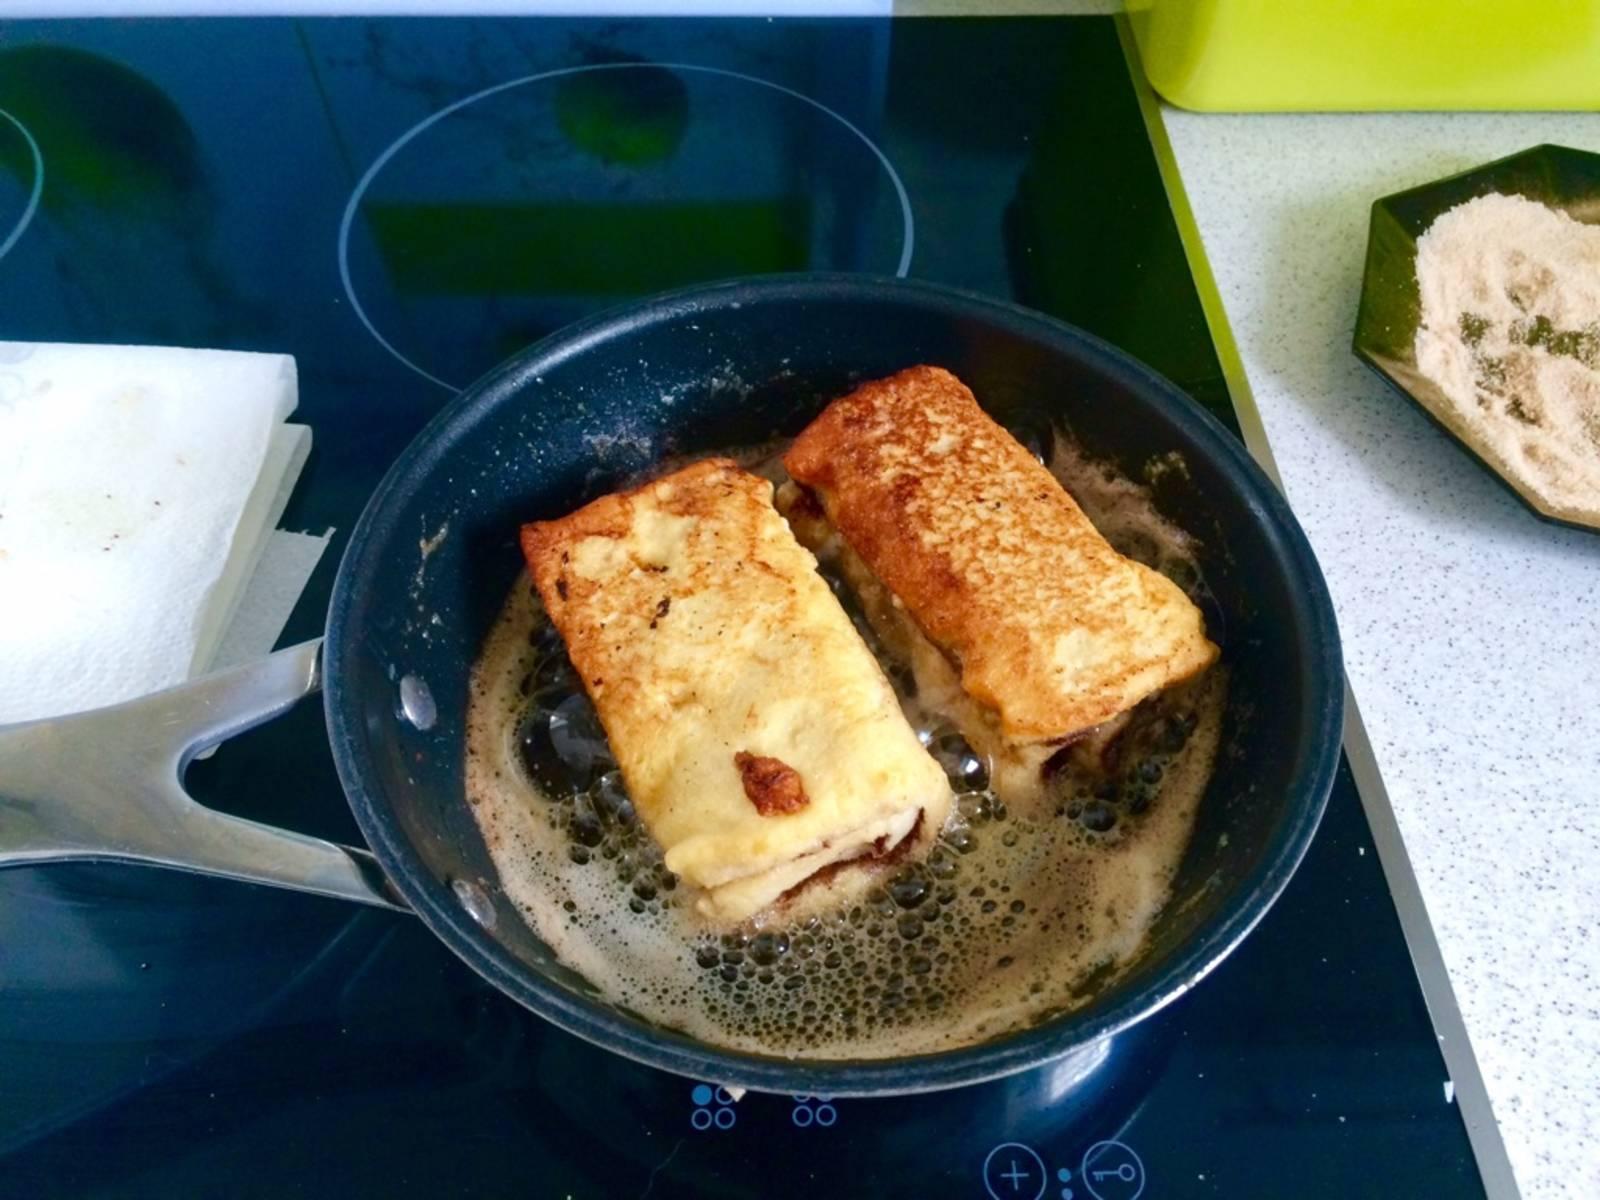 混合糖和肉桂。在煎锅中放入黄油,将吐司各面煎至金黄,用厨房纸轻拍吐司吸去油分,然后快速将吐司卷蘸上肉桂糖。